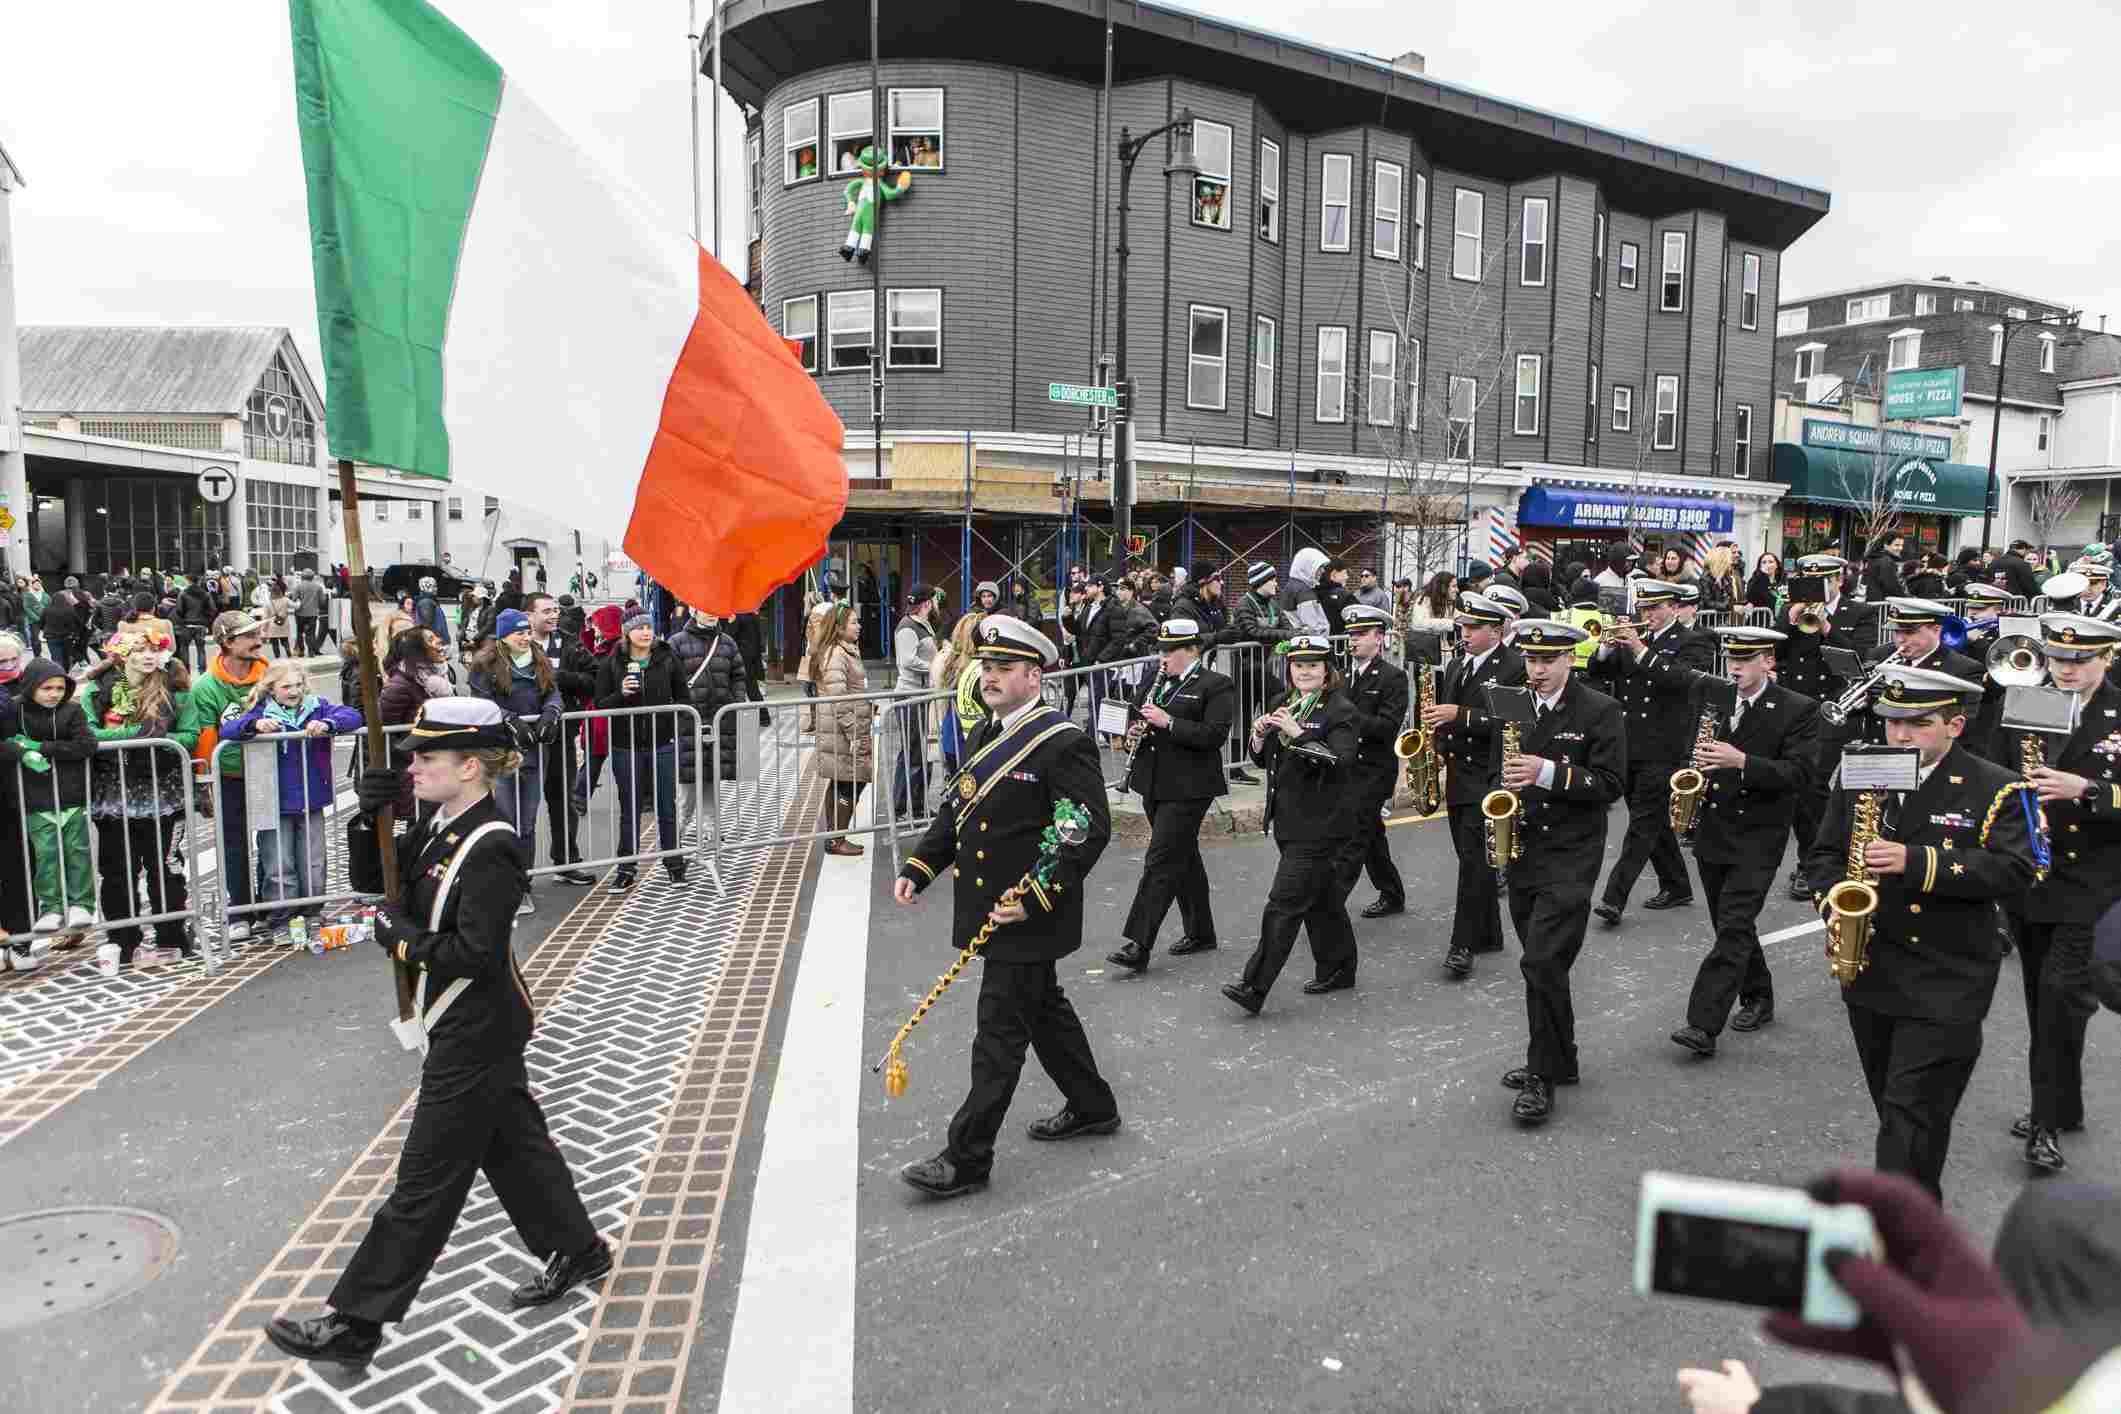 St. Patrick's Day Parade at South Boston